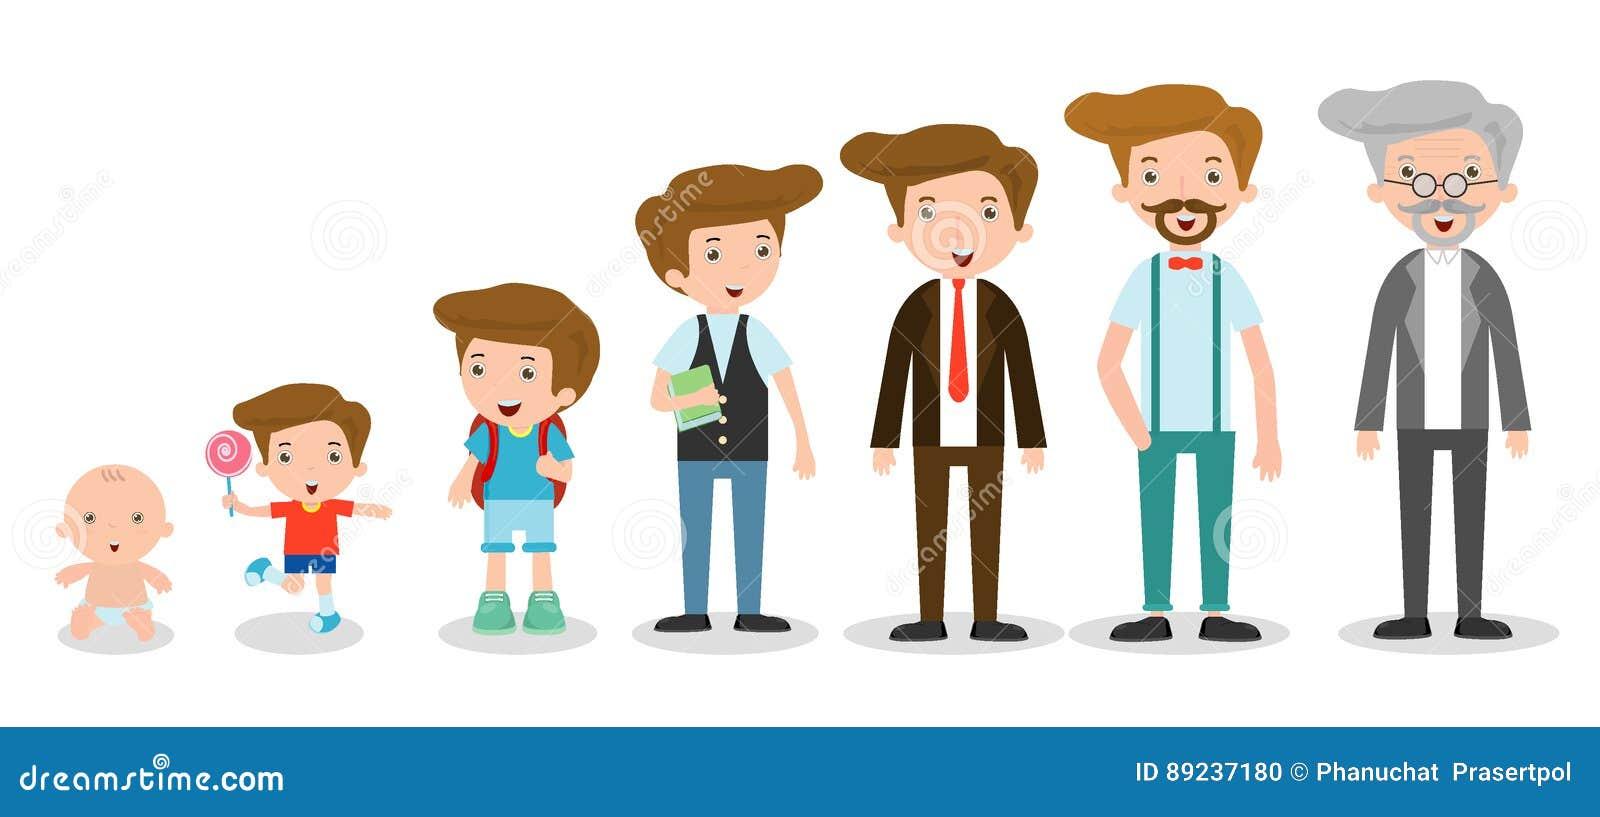 Παραγωγή του ατόμου από τα νήπια στους νεώτερους Όλες οι κατηγορίες ηλικίας απομονωμένος στο άσπρο υπόβαθρο, παραγωγή των ατόμων